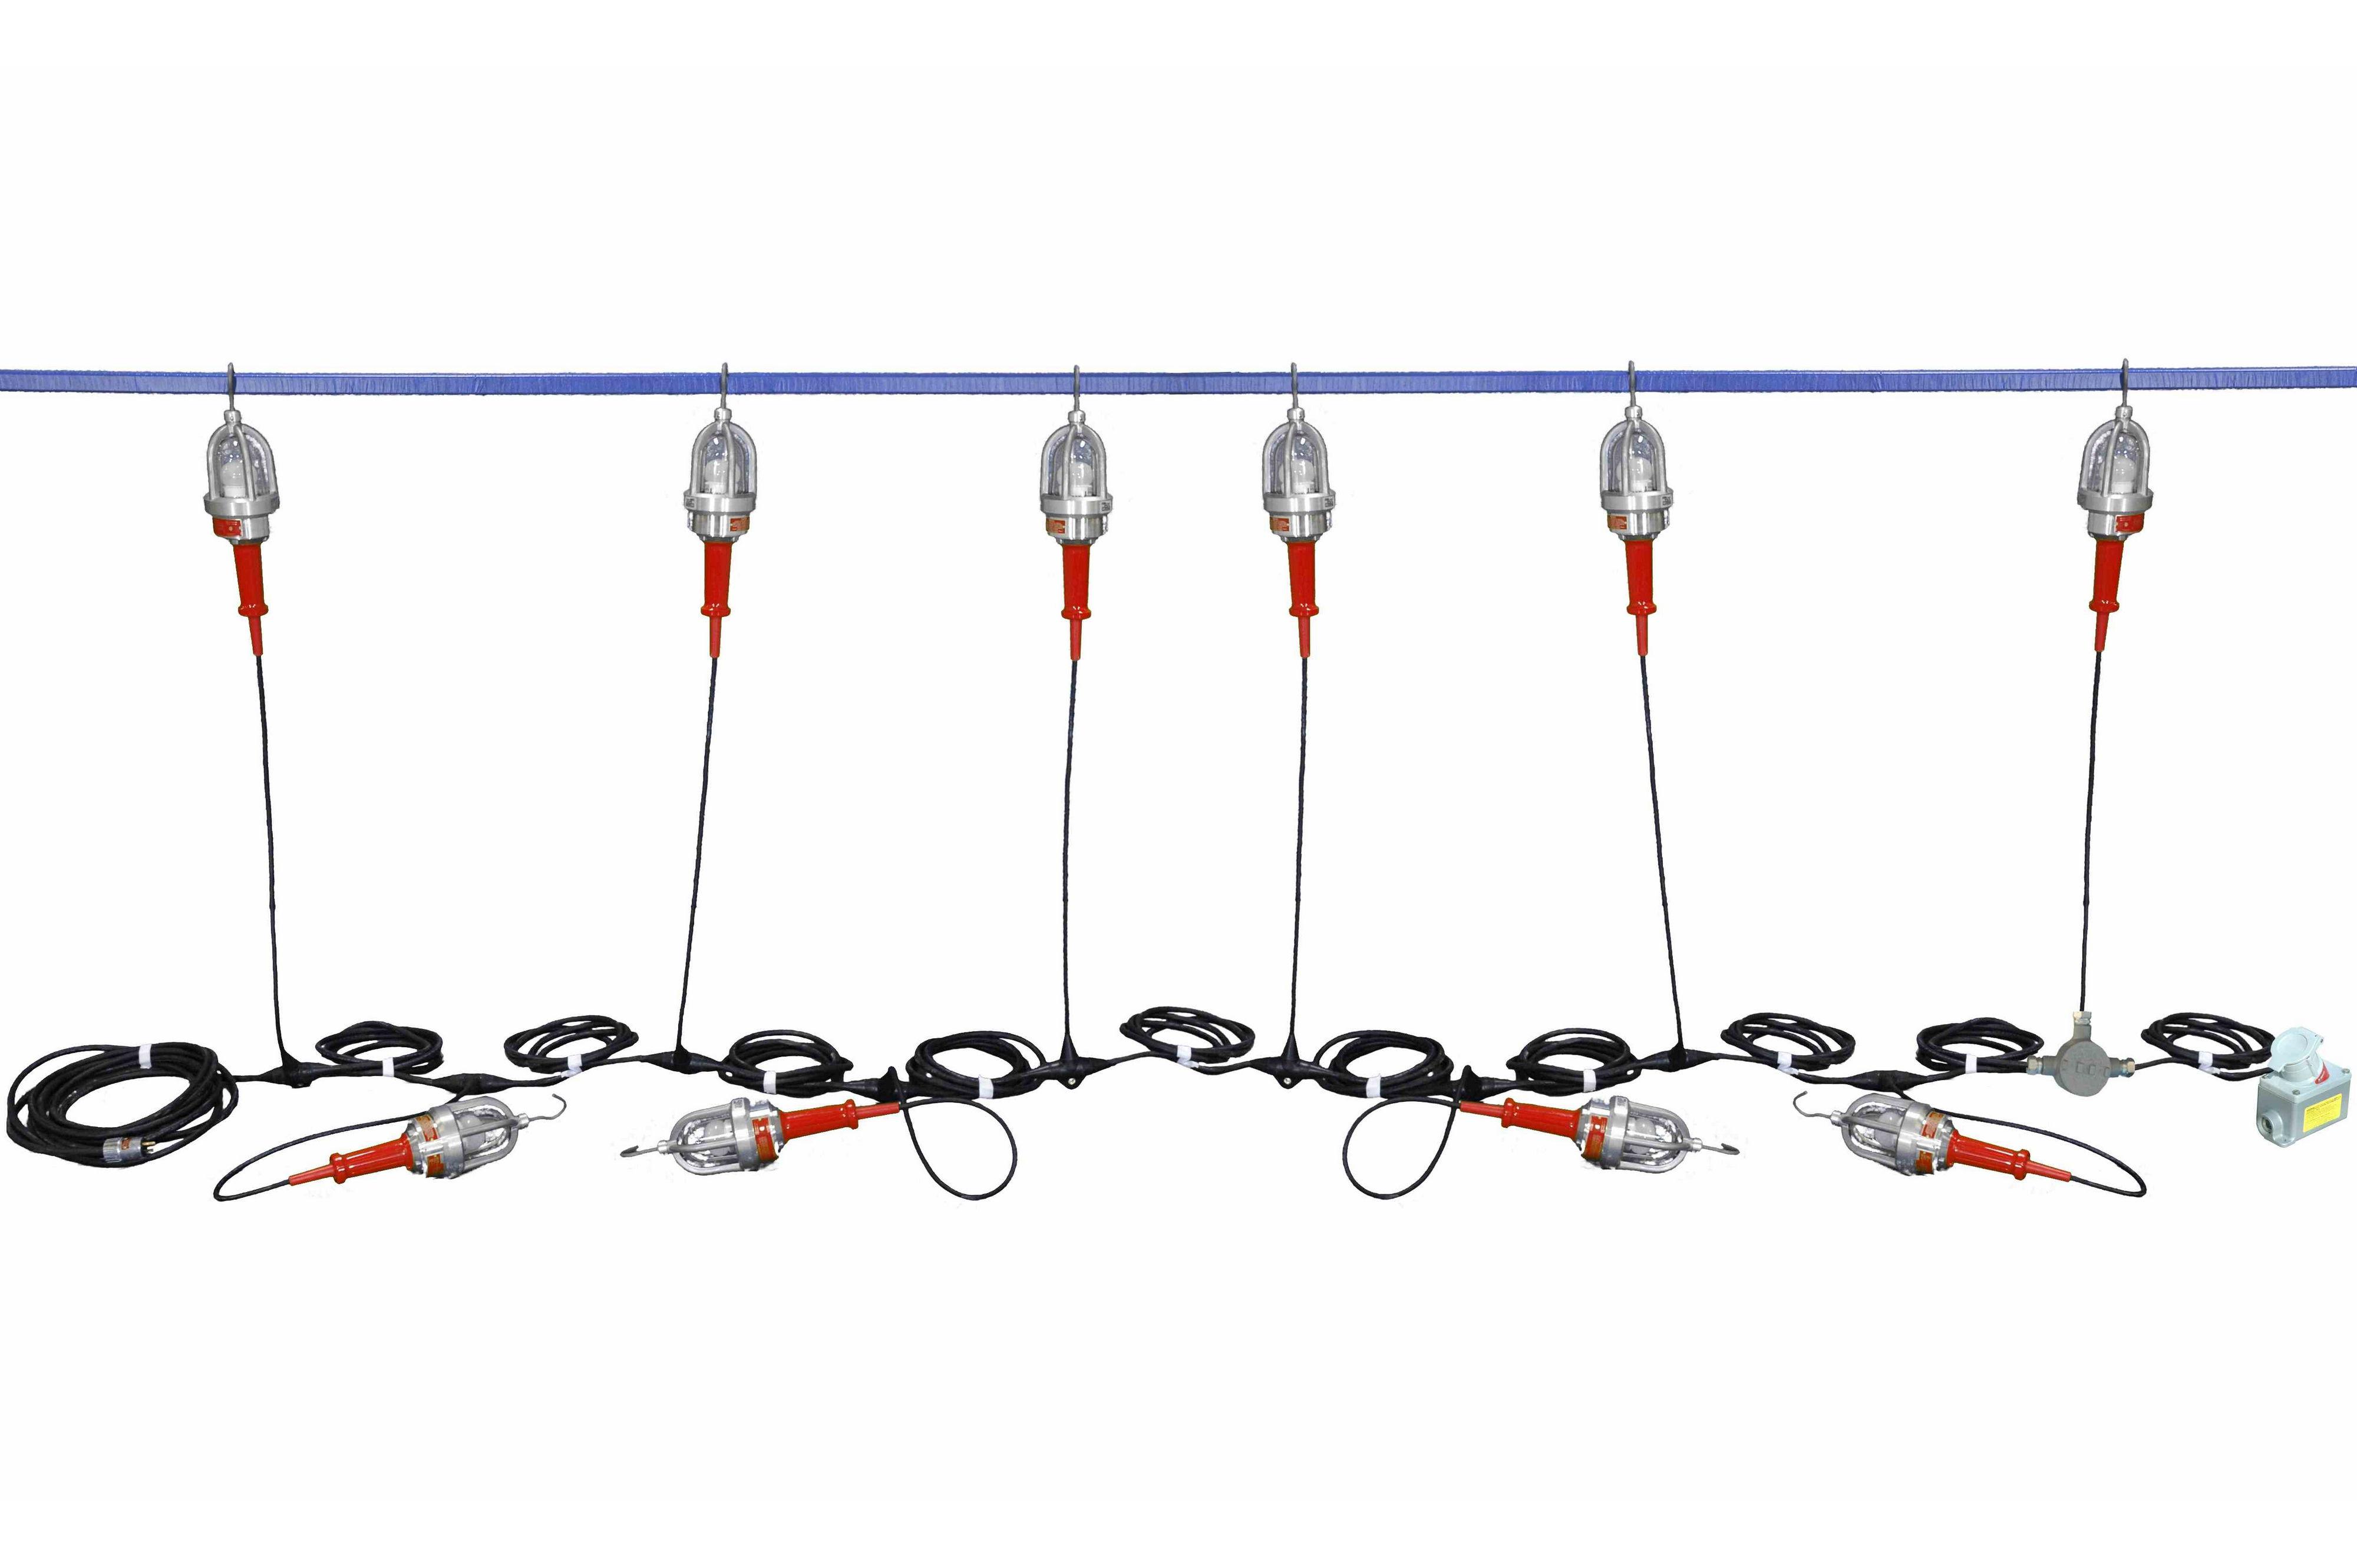 48v Explosion Proof Led String Lights